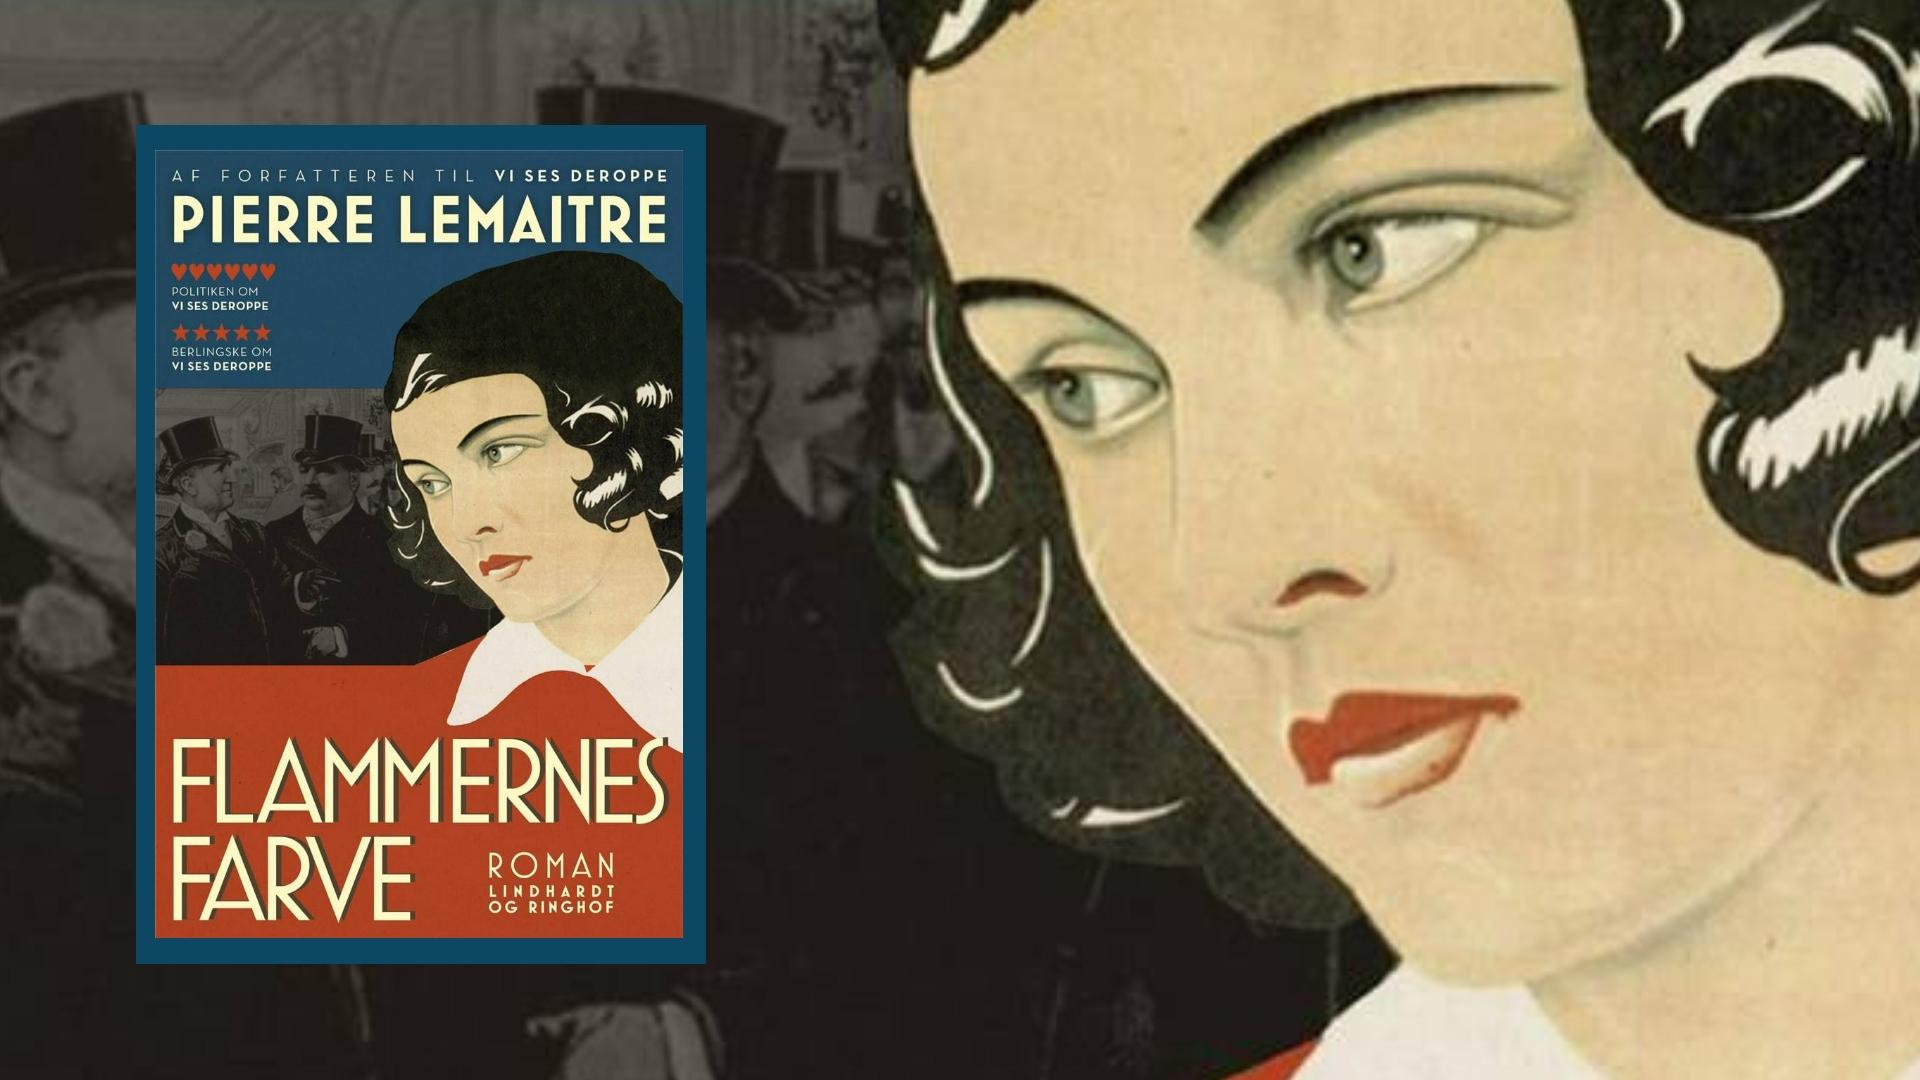 Flammernes farve, Pierre Lemaitre, Vi ses deroppe